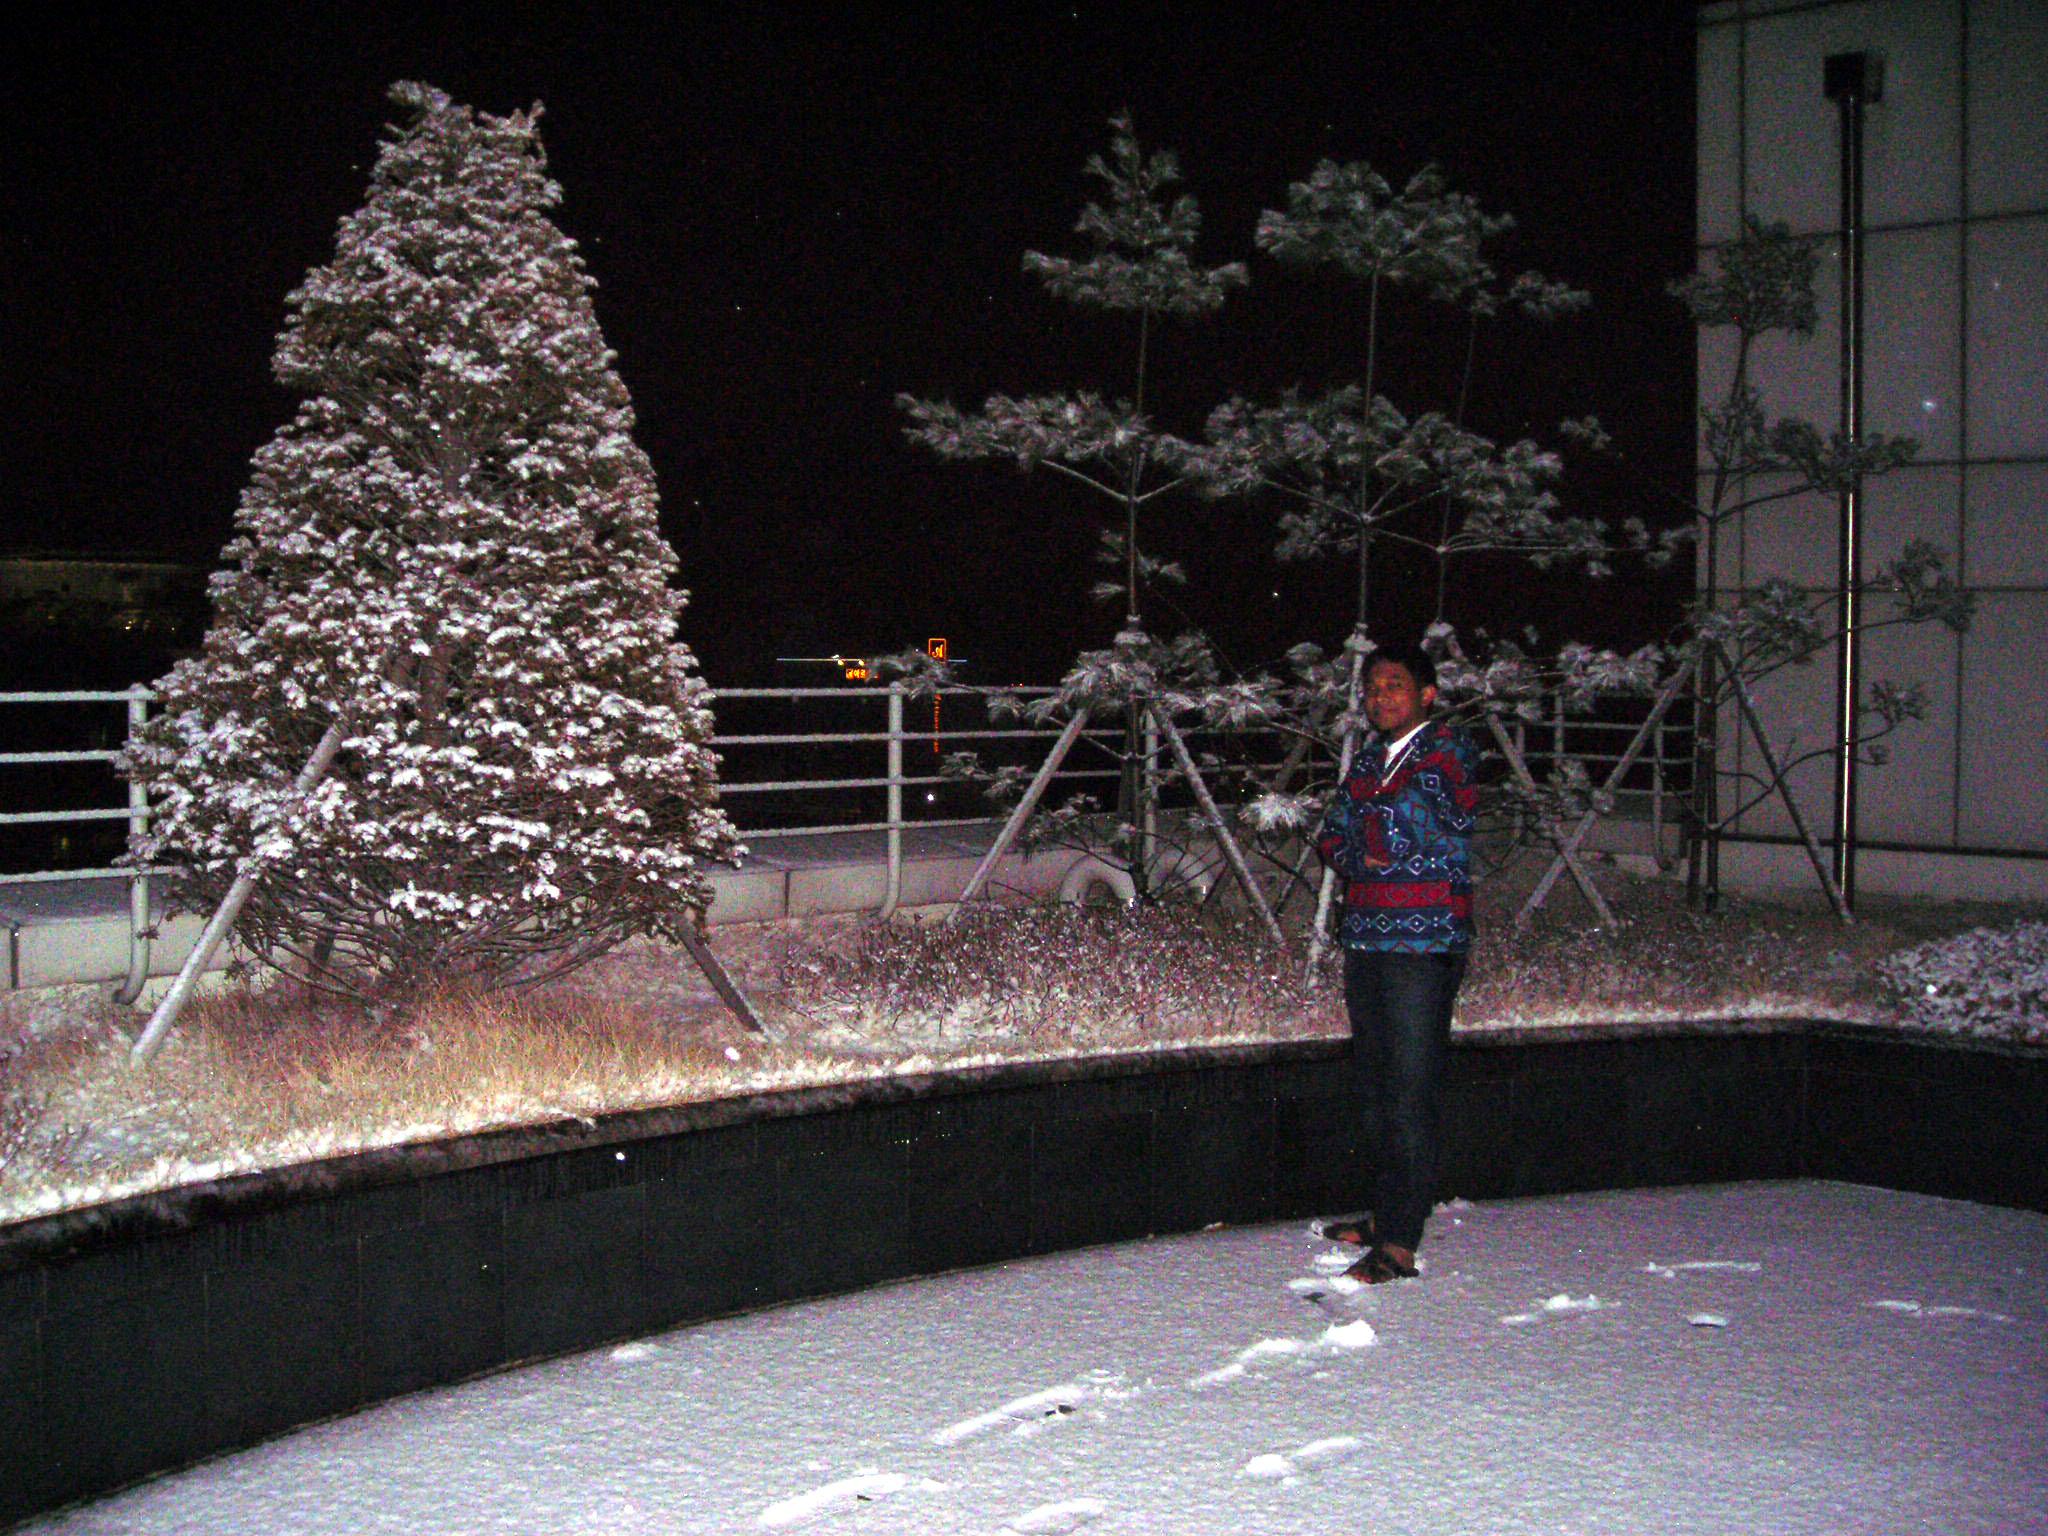 Musim dingin ibarat di dunia es atau arena ice skating, dinginnya